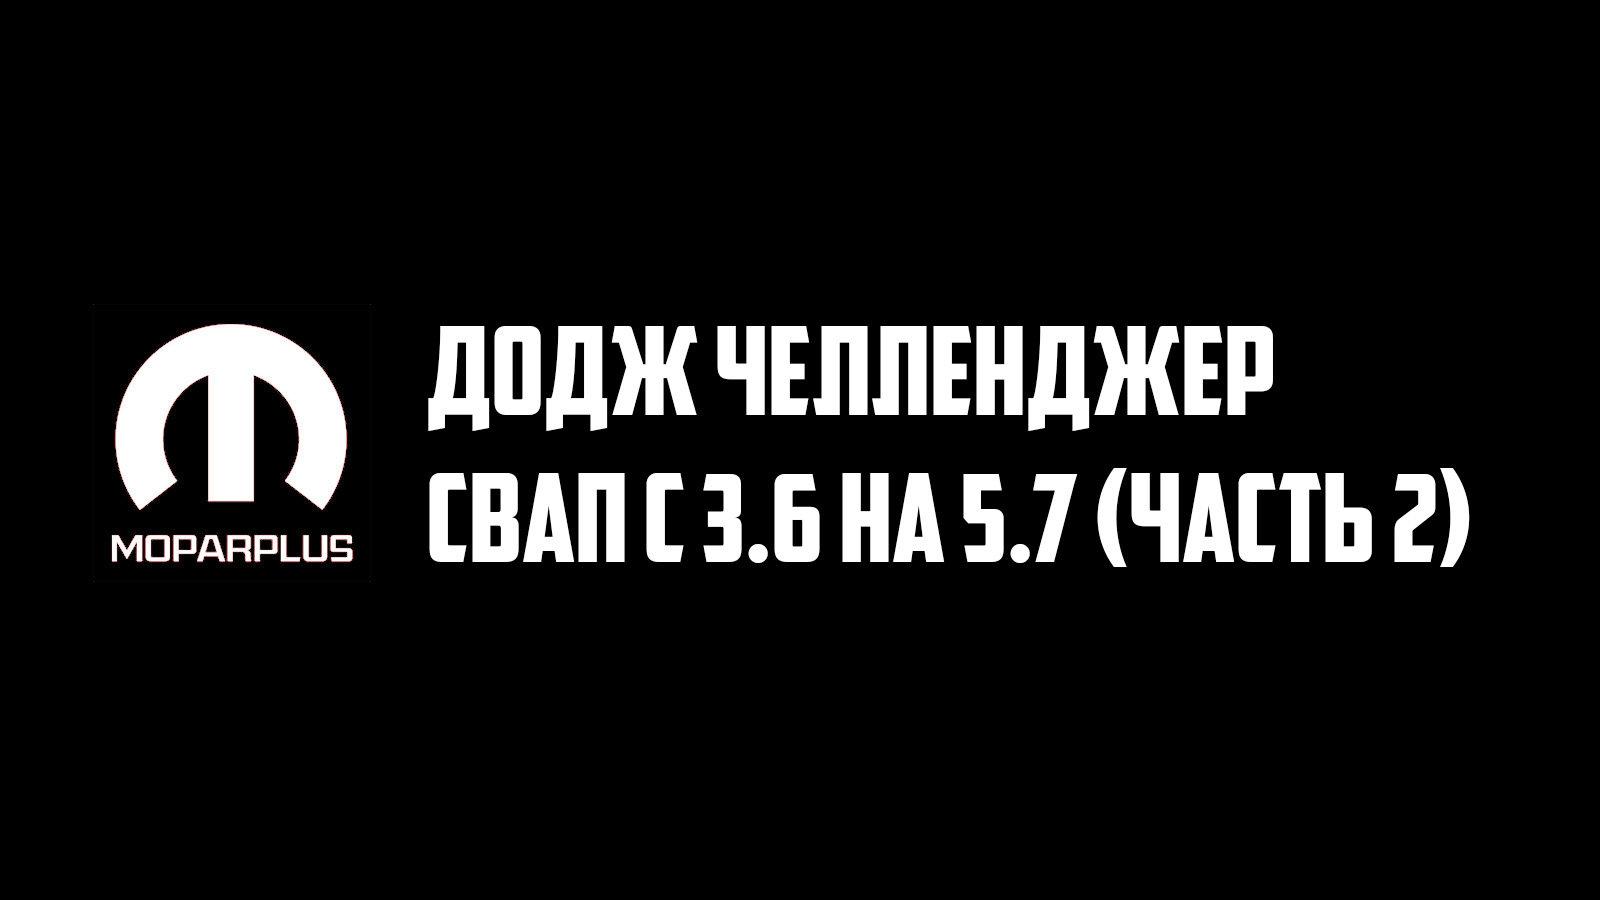 Замена 3.6 на 5.7 Додж Челленджер (часть 2)